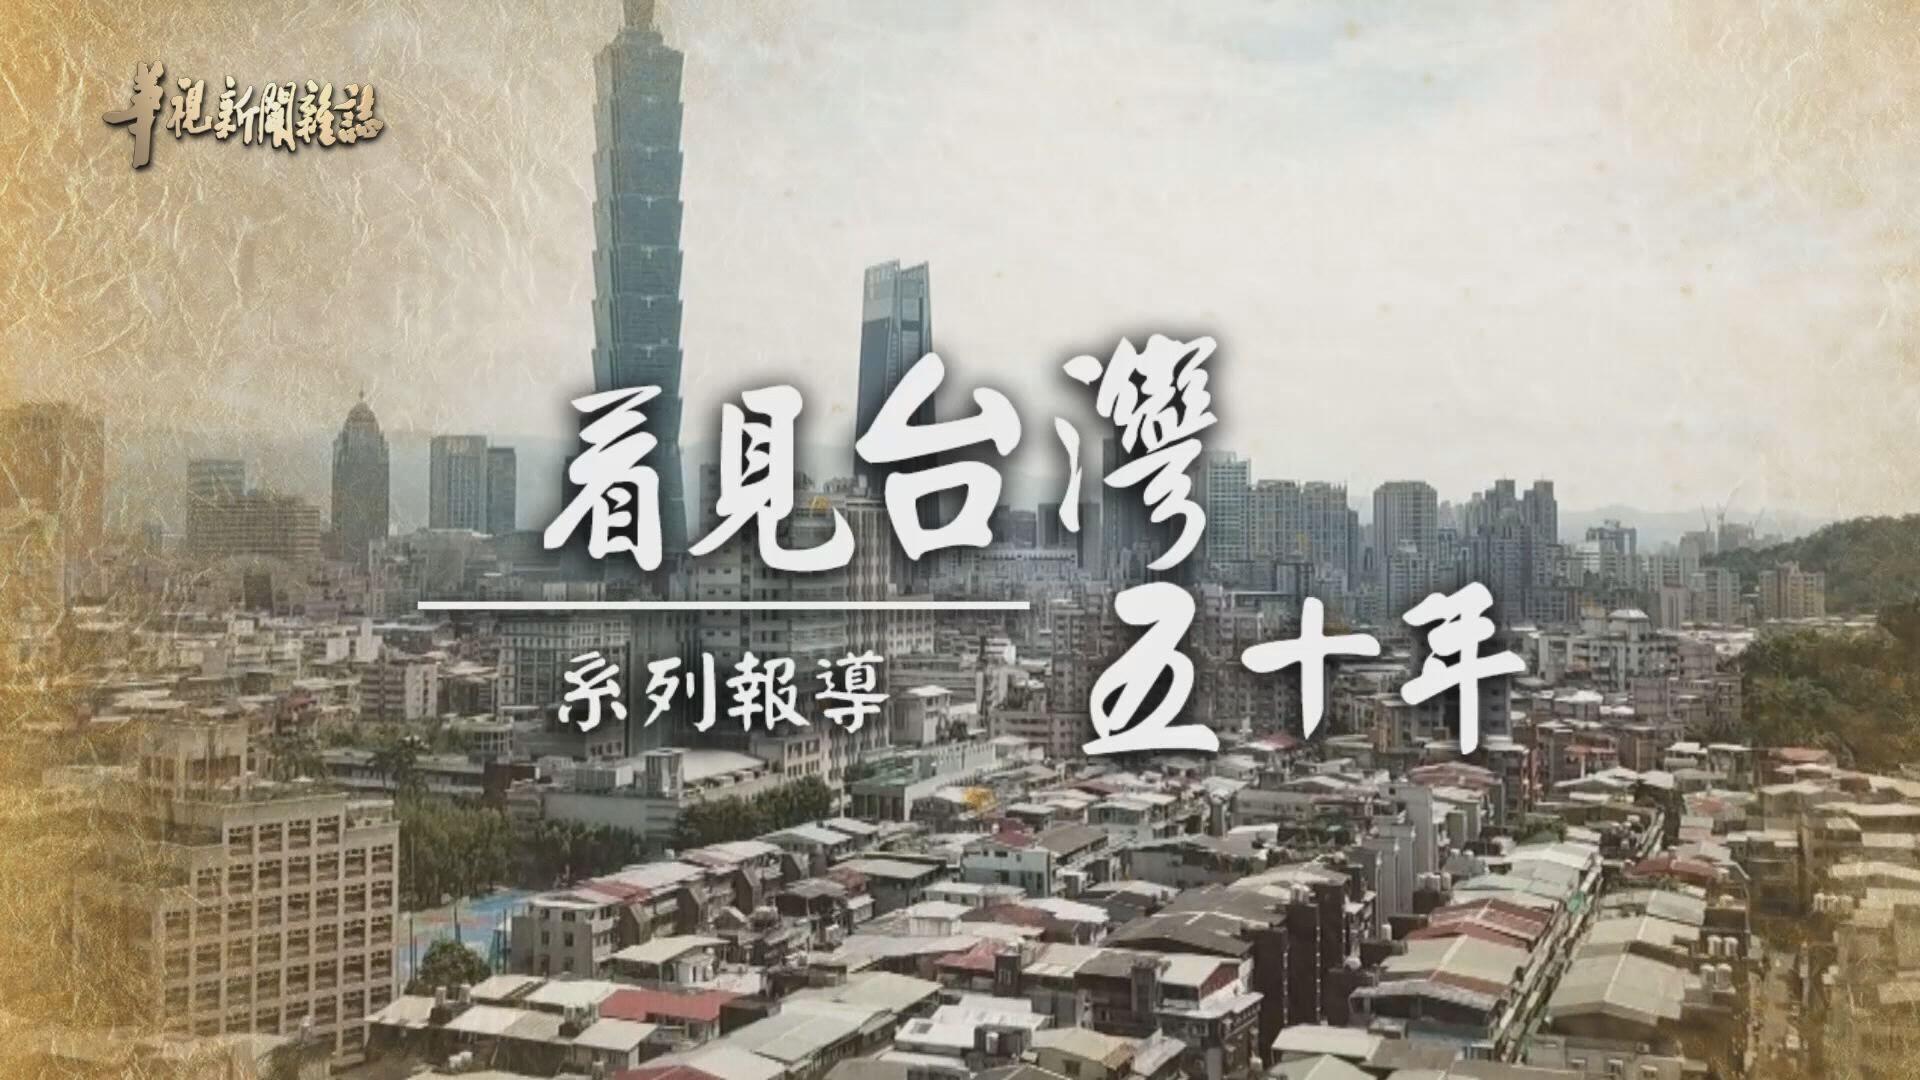 威權走向自由 民主深化台灣 (上)|看見台灣五十年|華視新聞雜誌